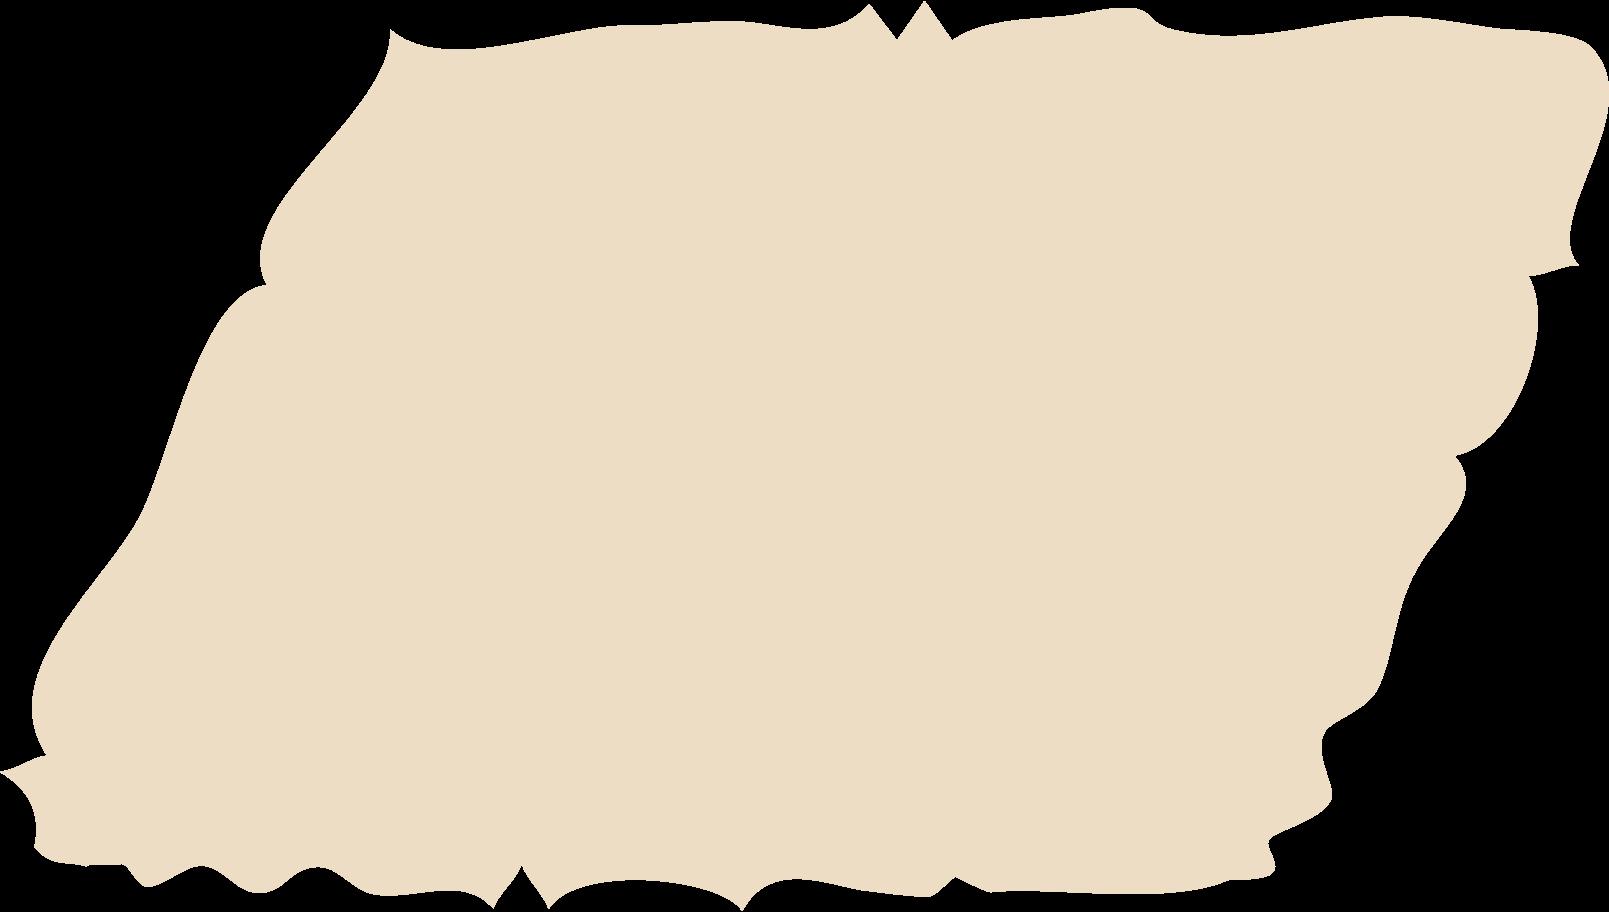 parallelogram Clipart illustration in PNG, SVG